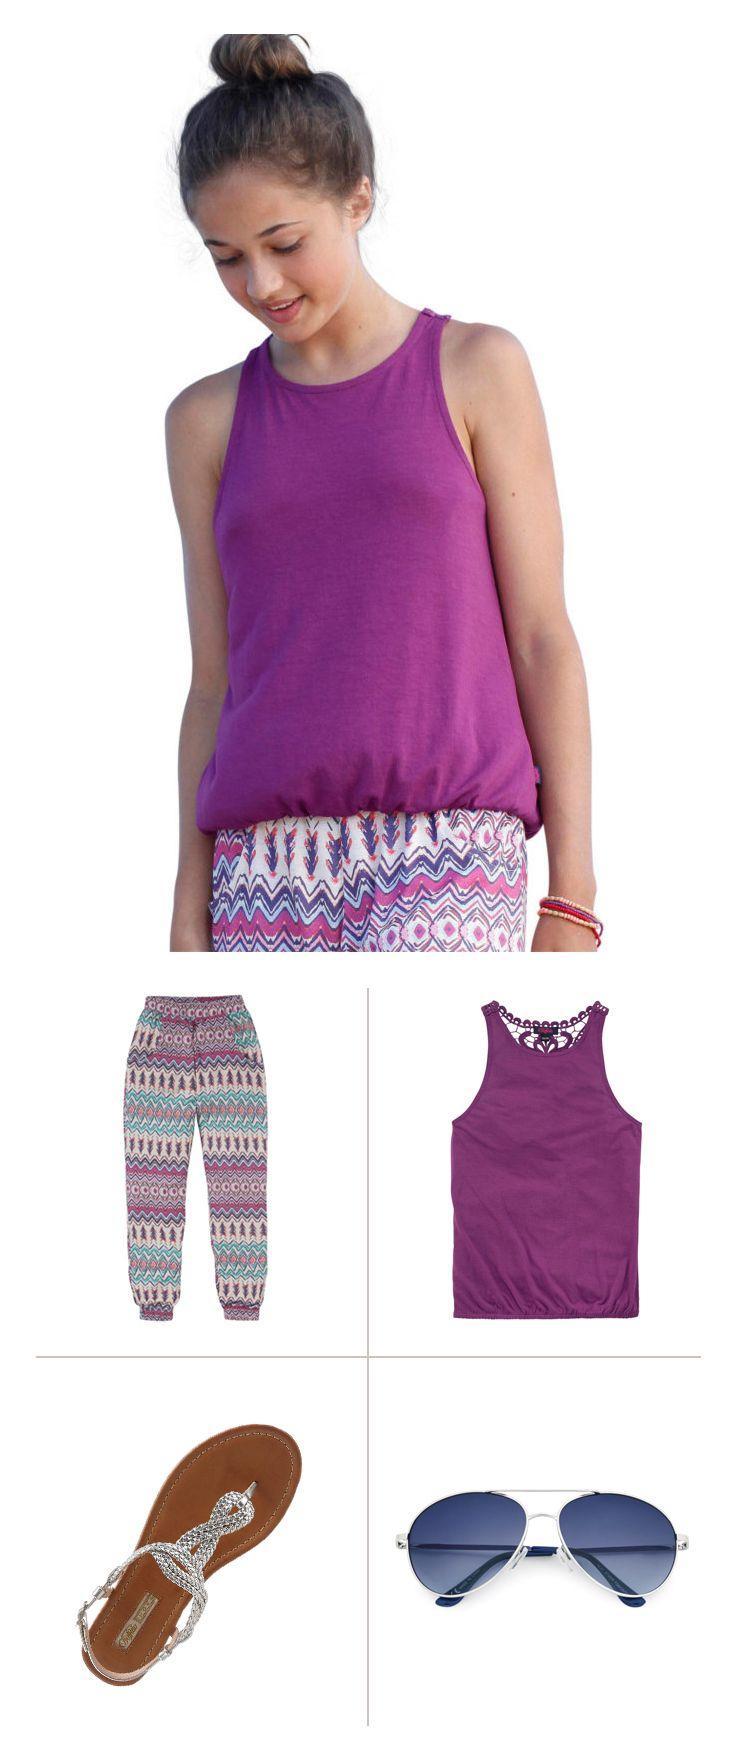 Purple Style Mit dem süßen Spitzen-Top, der angesagten Haremshose und den luftigen  Glitzer-Sandalen haben die Modeexperten von Buffalo ein tolles Fashion-Trio  für Mädchen designt. Sonnenbrille und Strohhut dazu – fertig ist der moderne Hippie-Look für viele Gelegenheiten.